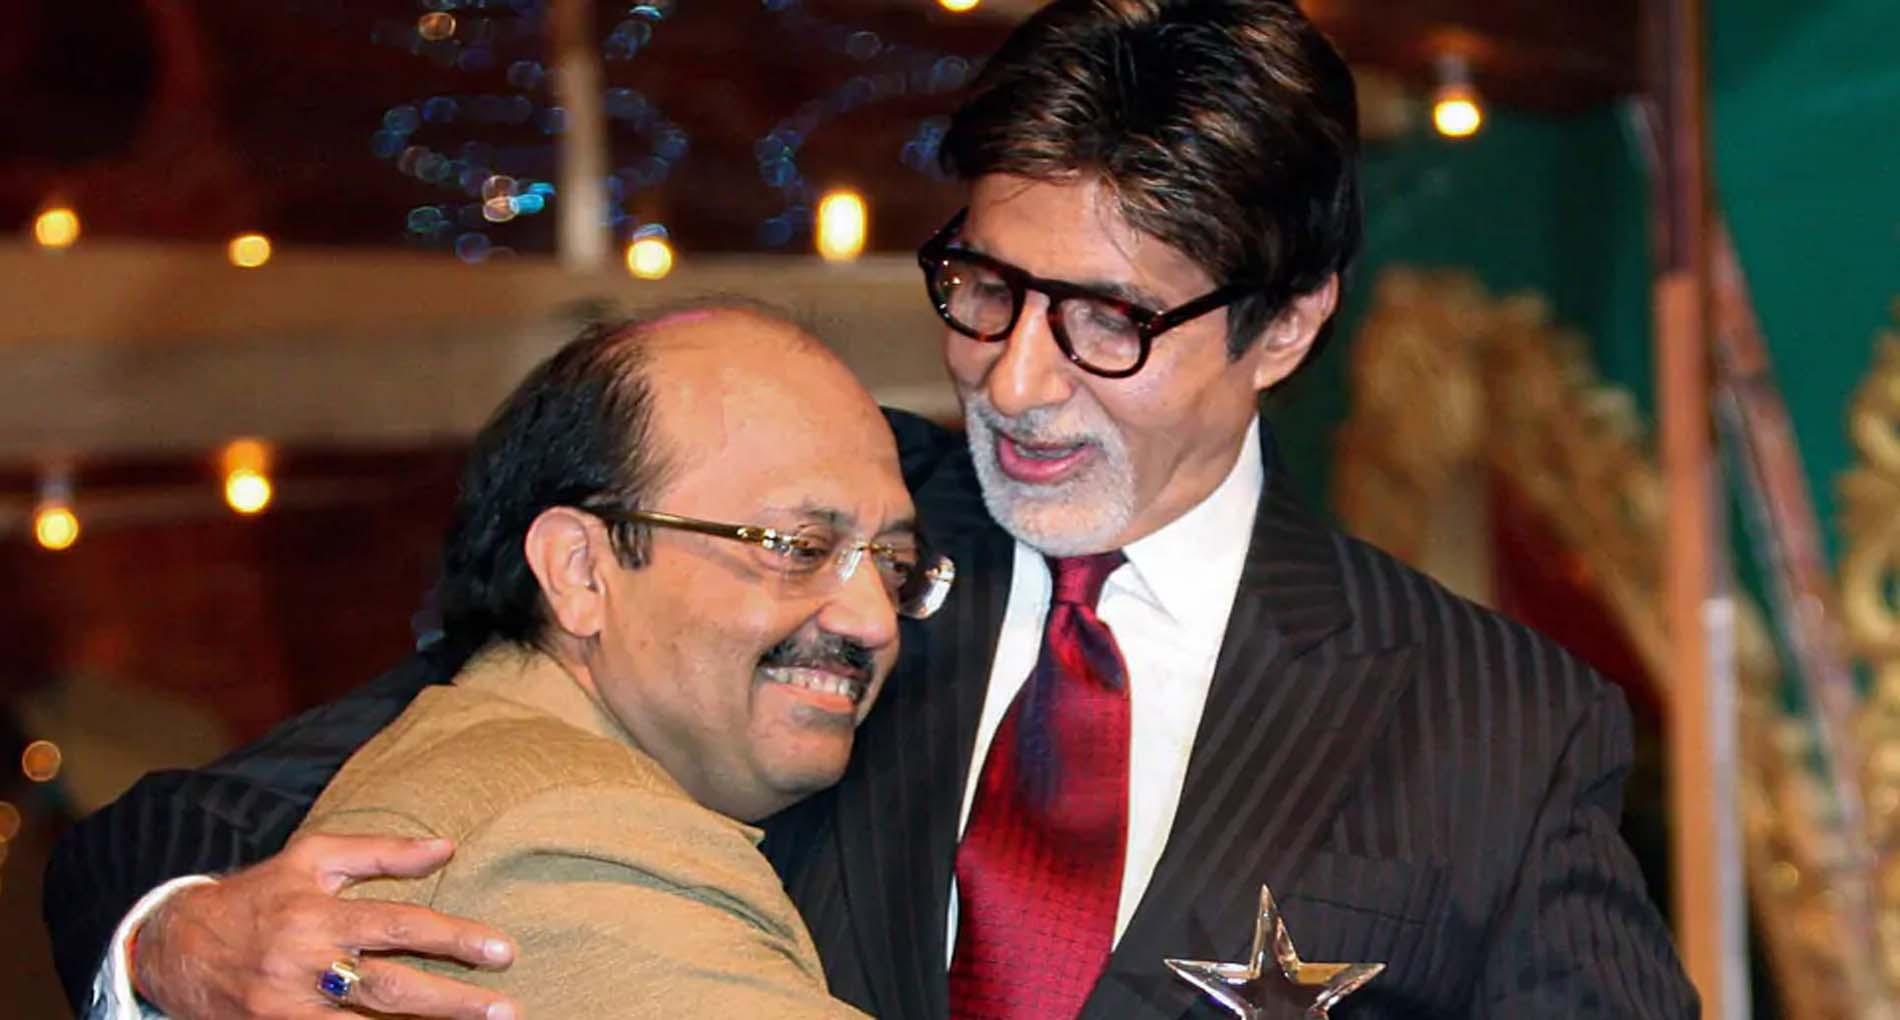 अमर सिंह के निधन से काफी दुखी हैं अमिताभ बच्चन, सिर झुका कर दी श्रद्धांजलि! शेयर की तस्वीर